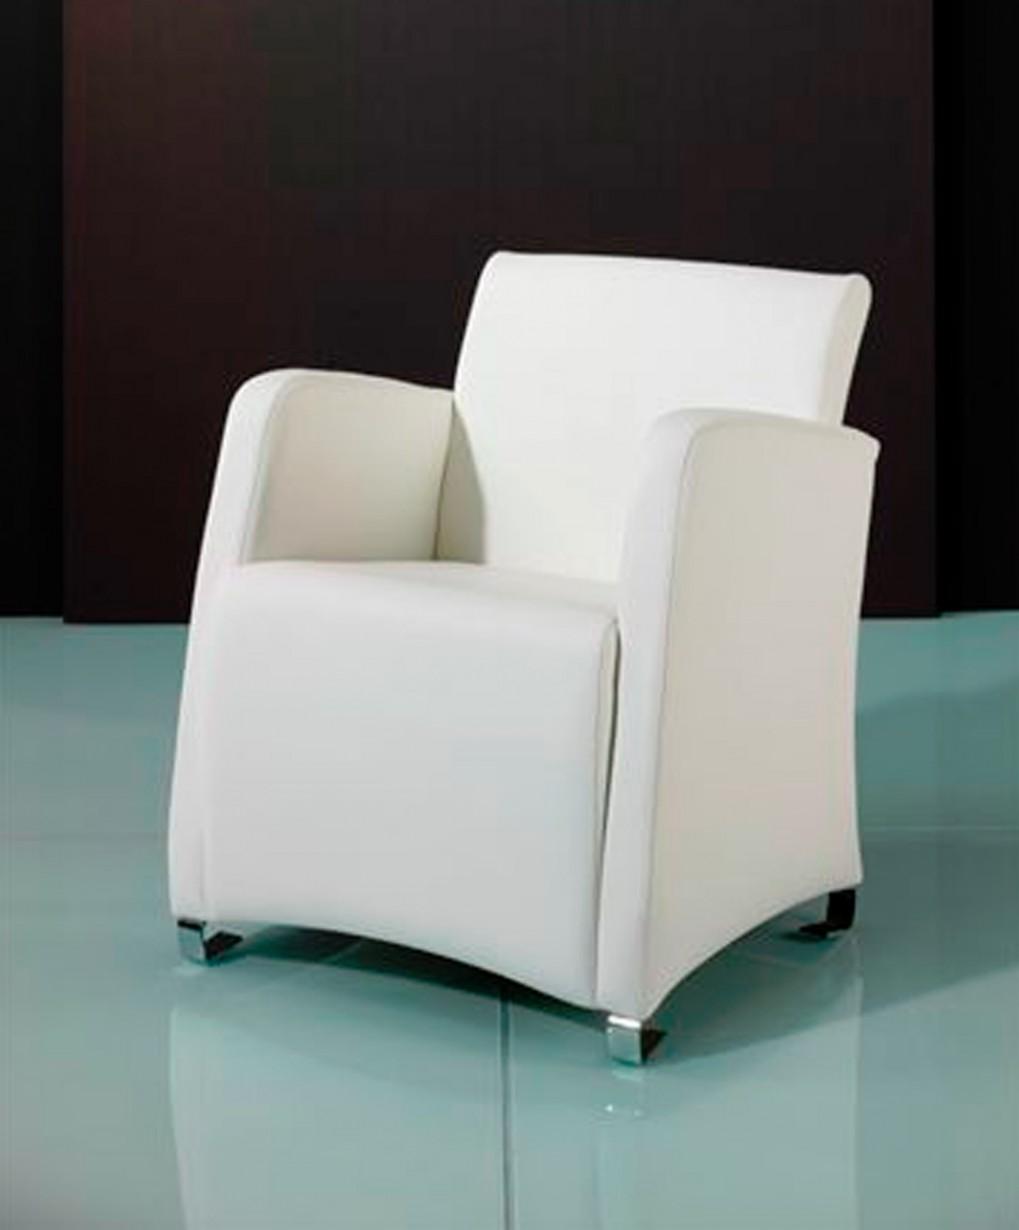 Butaca play tienda de muebles lucama interiorismo for Materiales para tapiceria de muebles